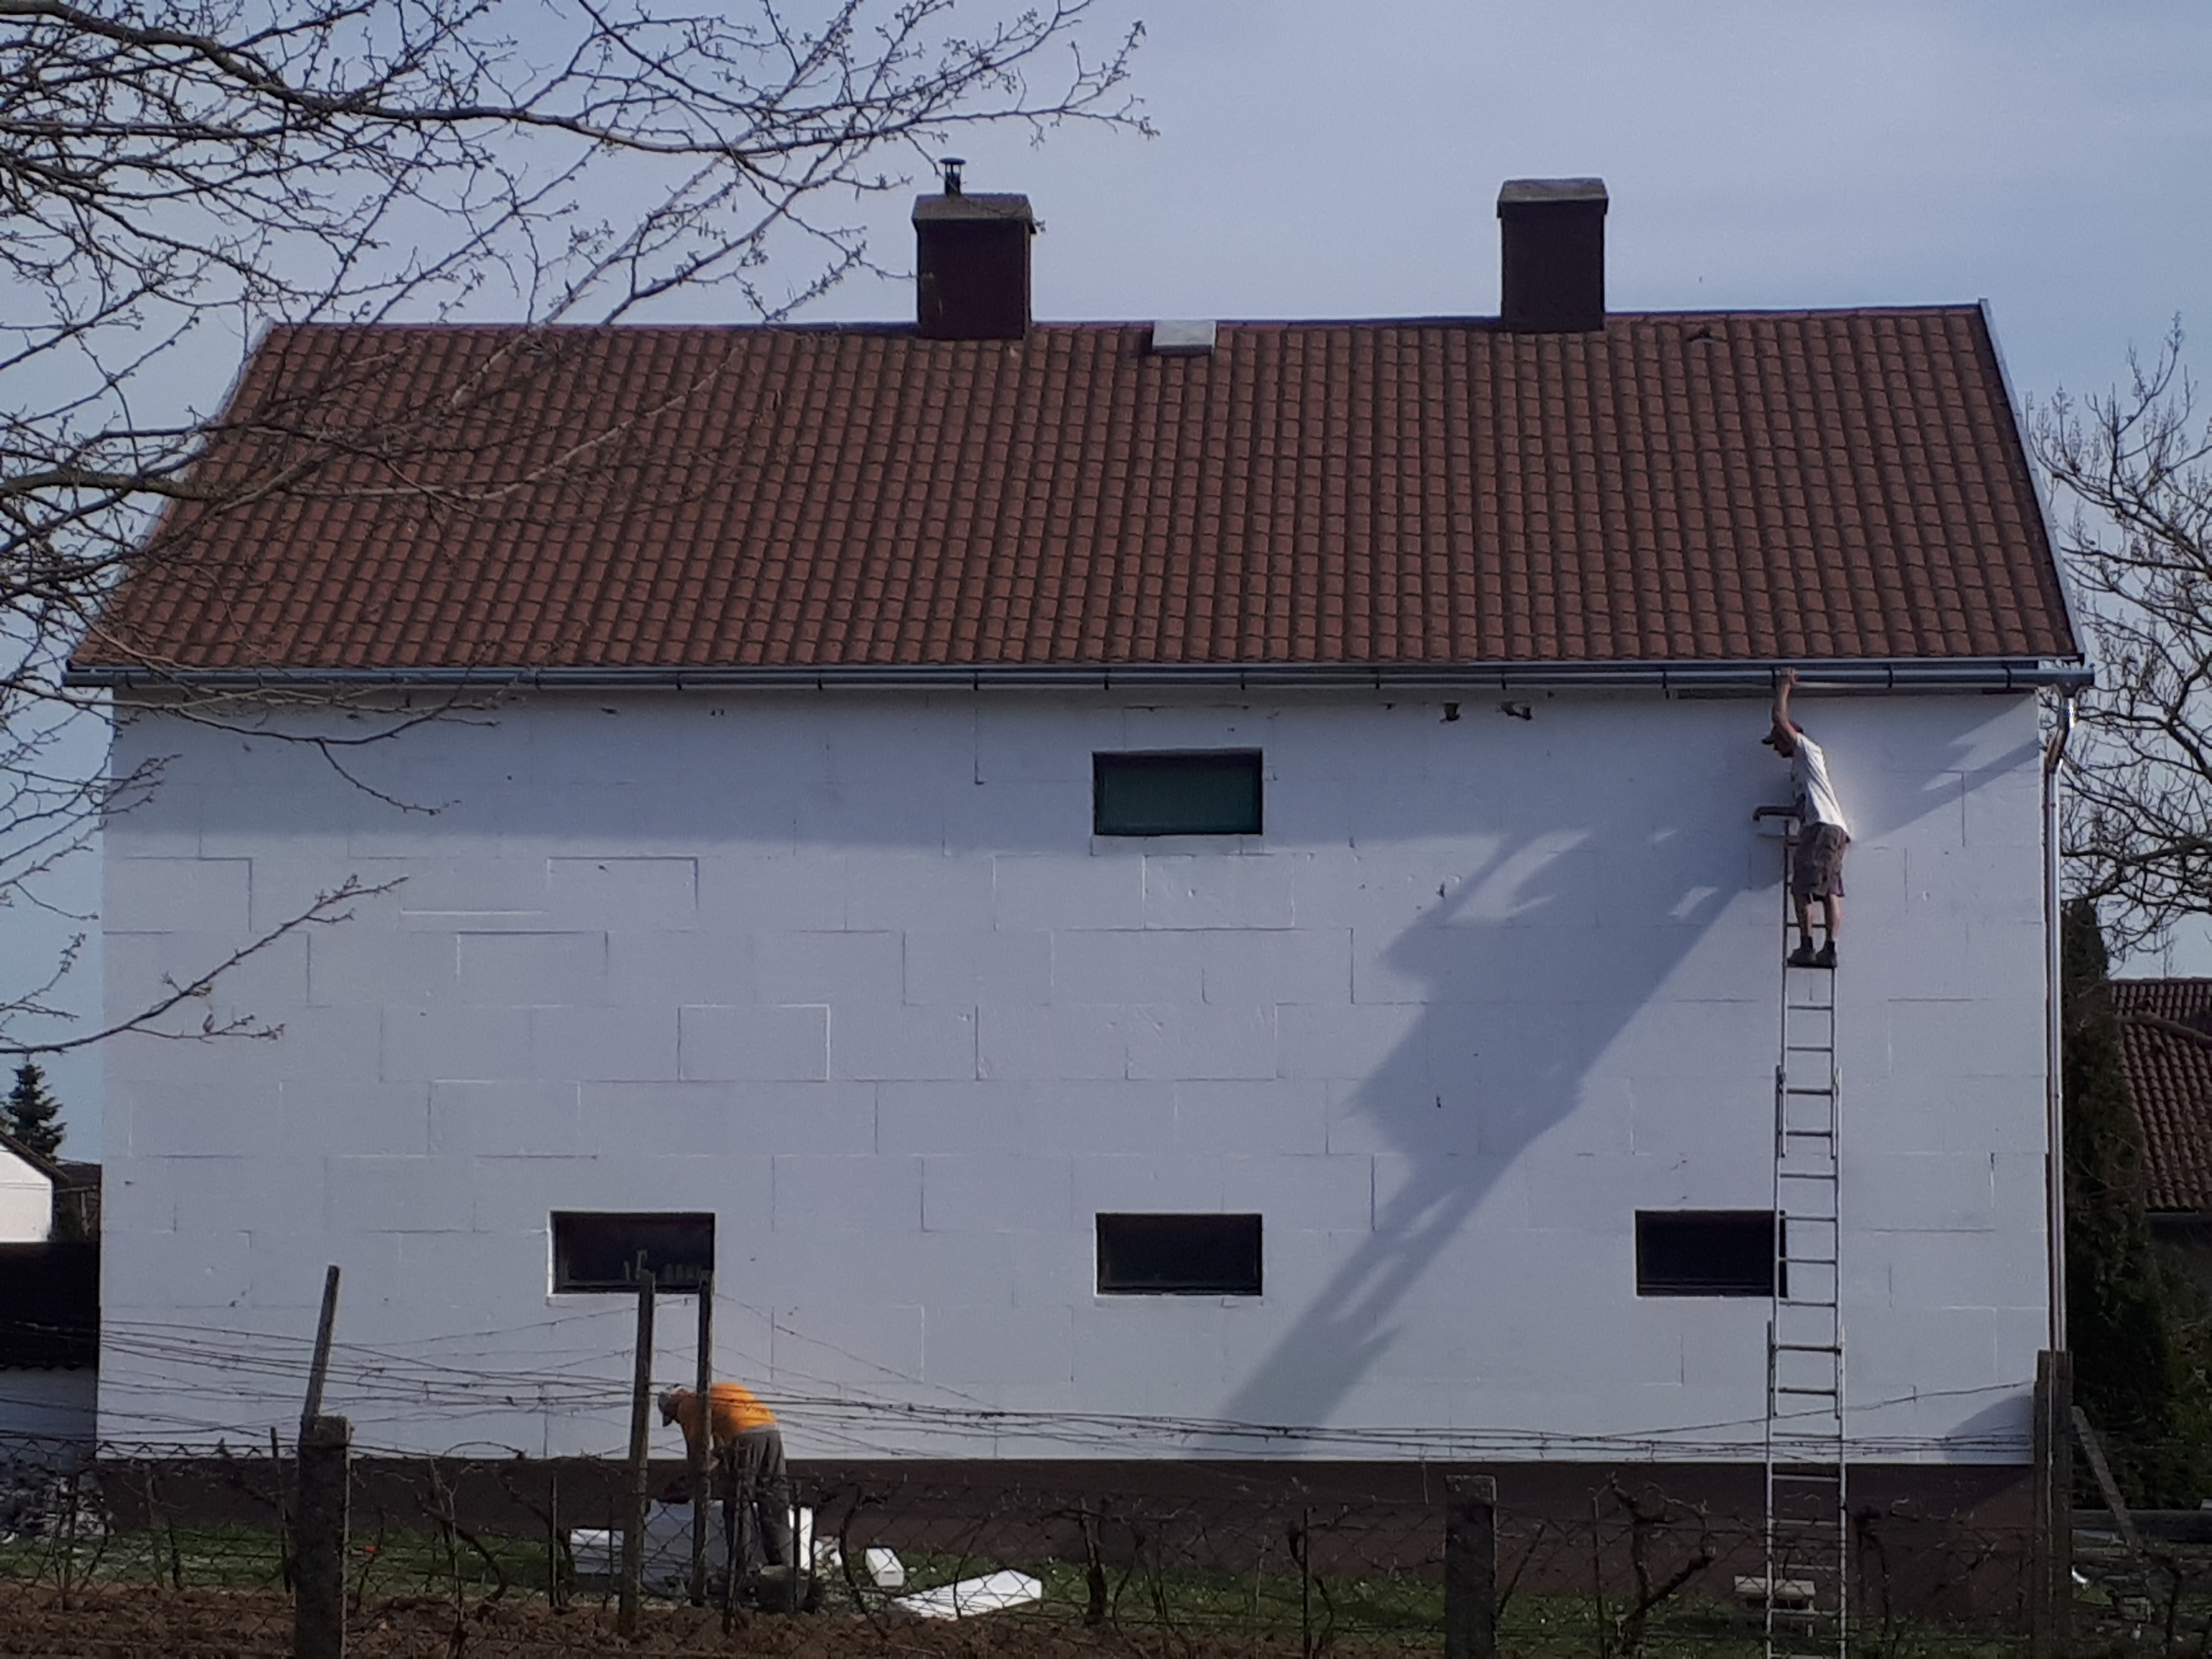 Palatető felújítás Varsány, palatető szigetelés VarsányCsaládi ház palatető felújítása